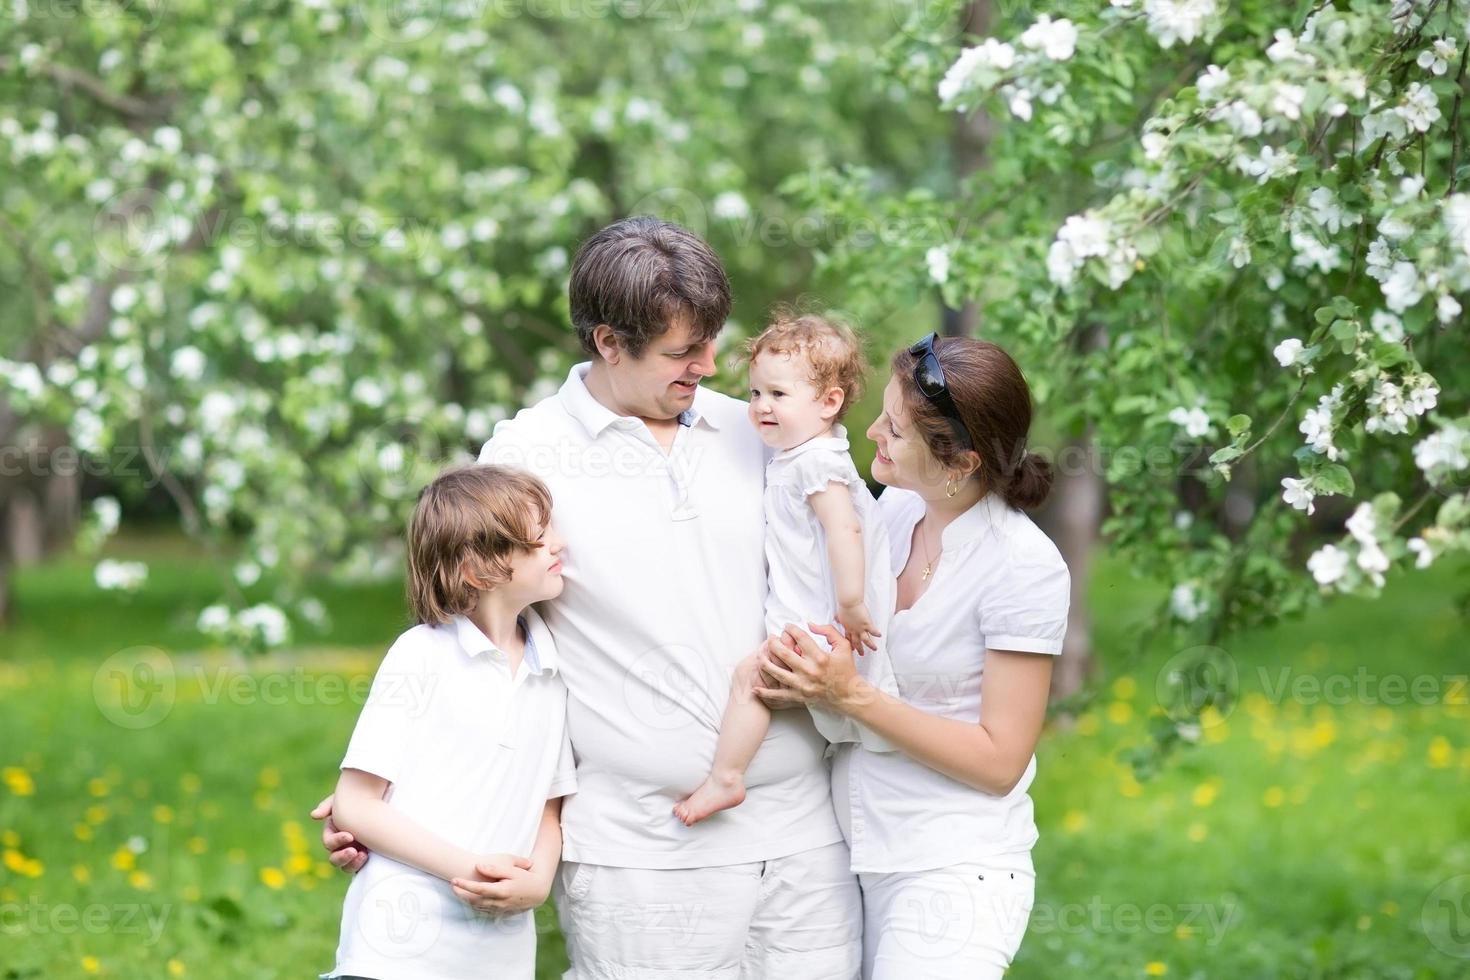 linda família jovem em um jardim de macieira florescendo foto